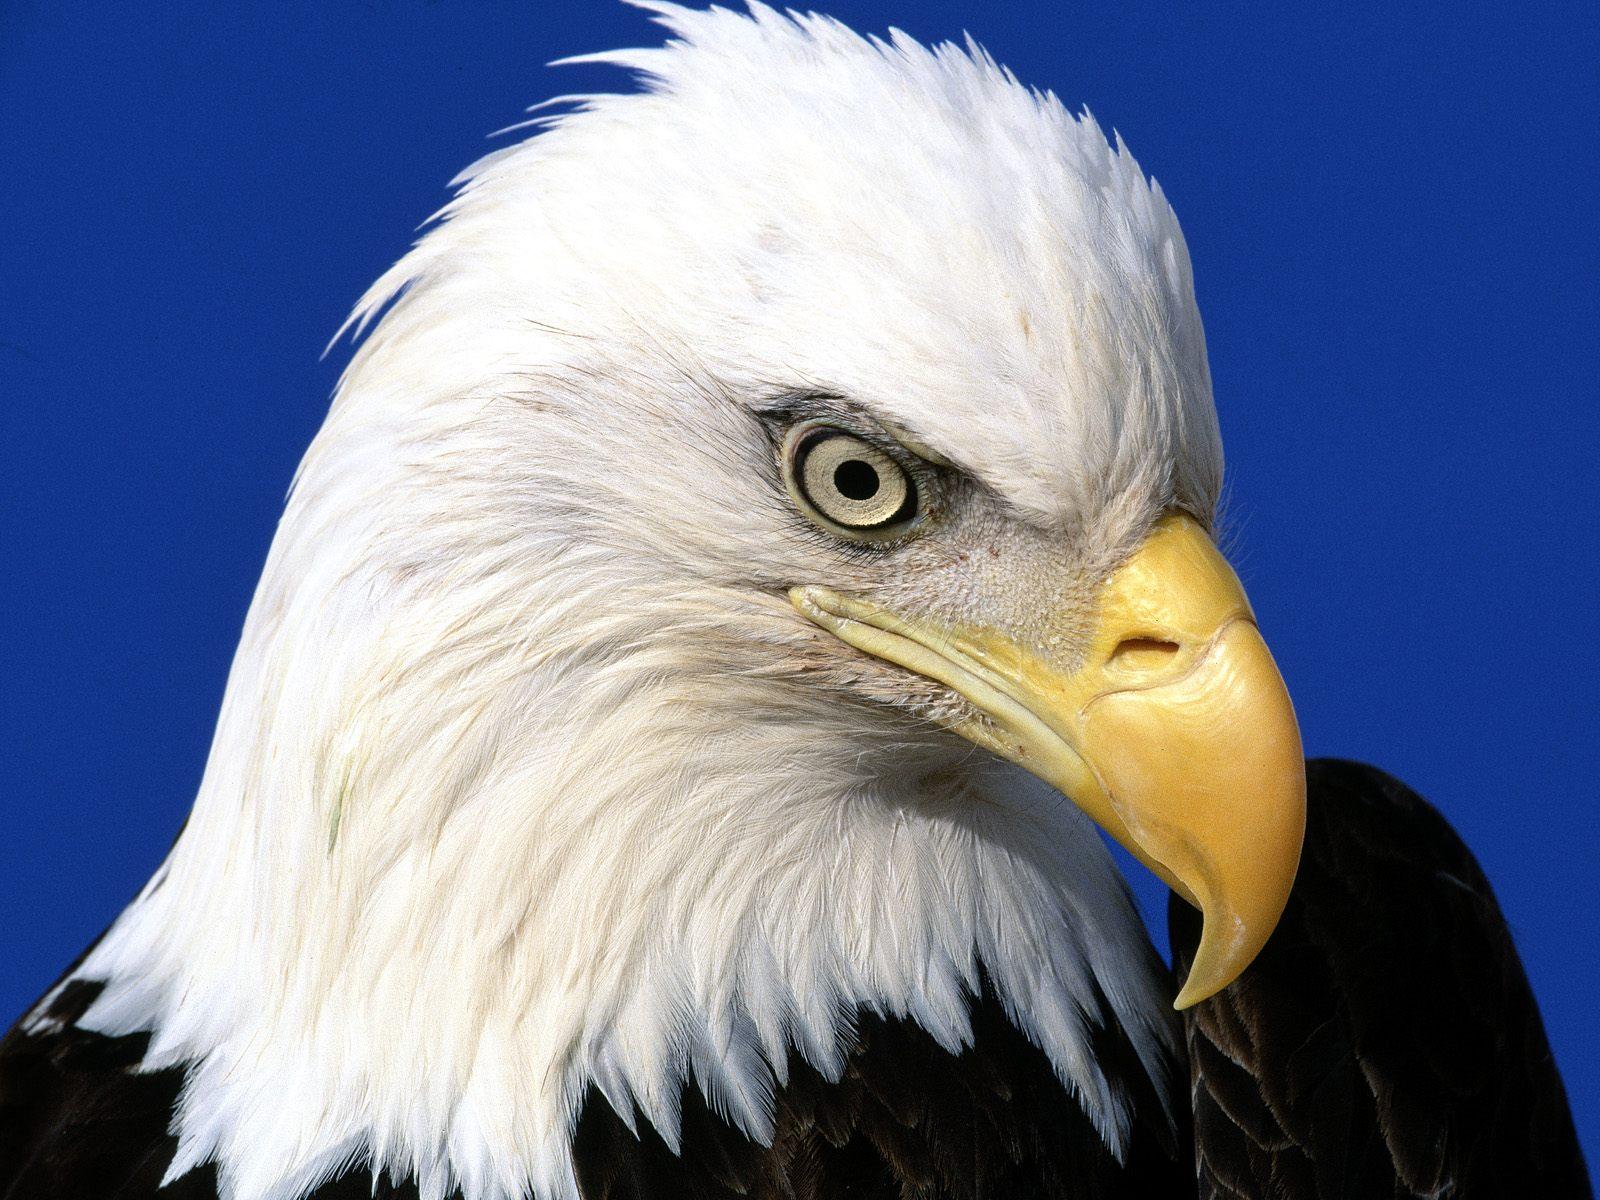 Хищный орел, фото, голова, клюв, скачать